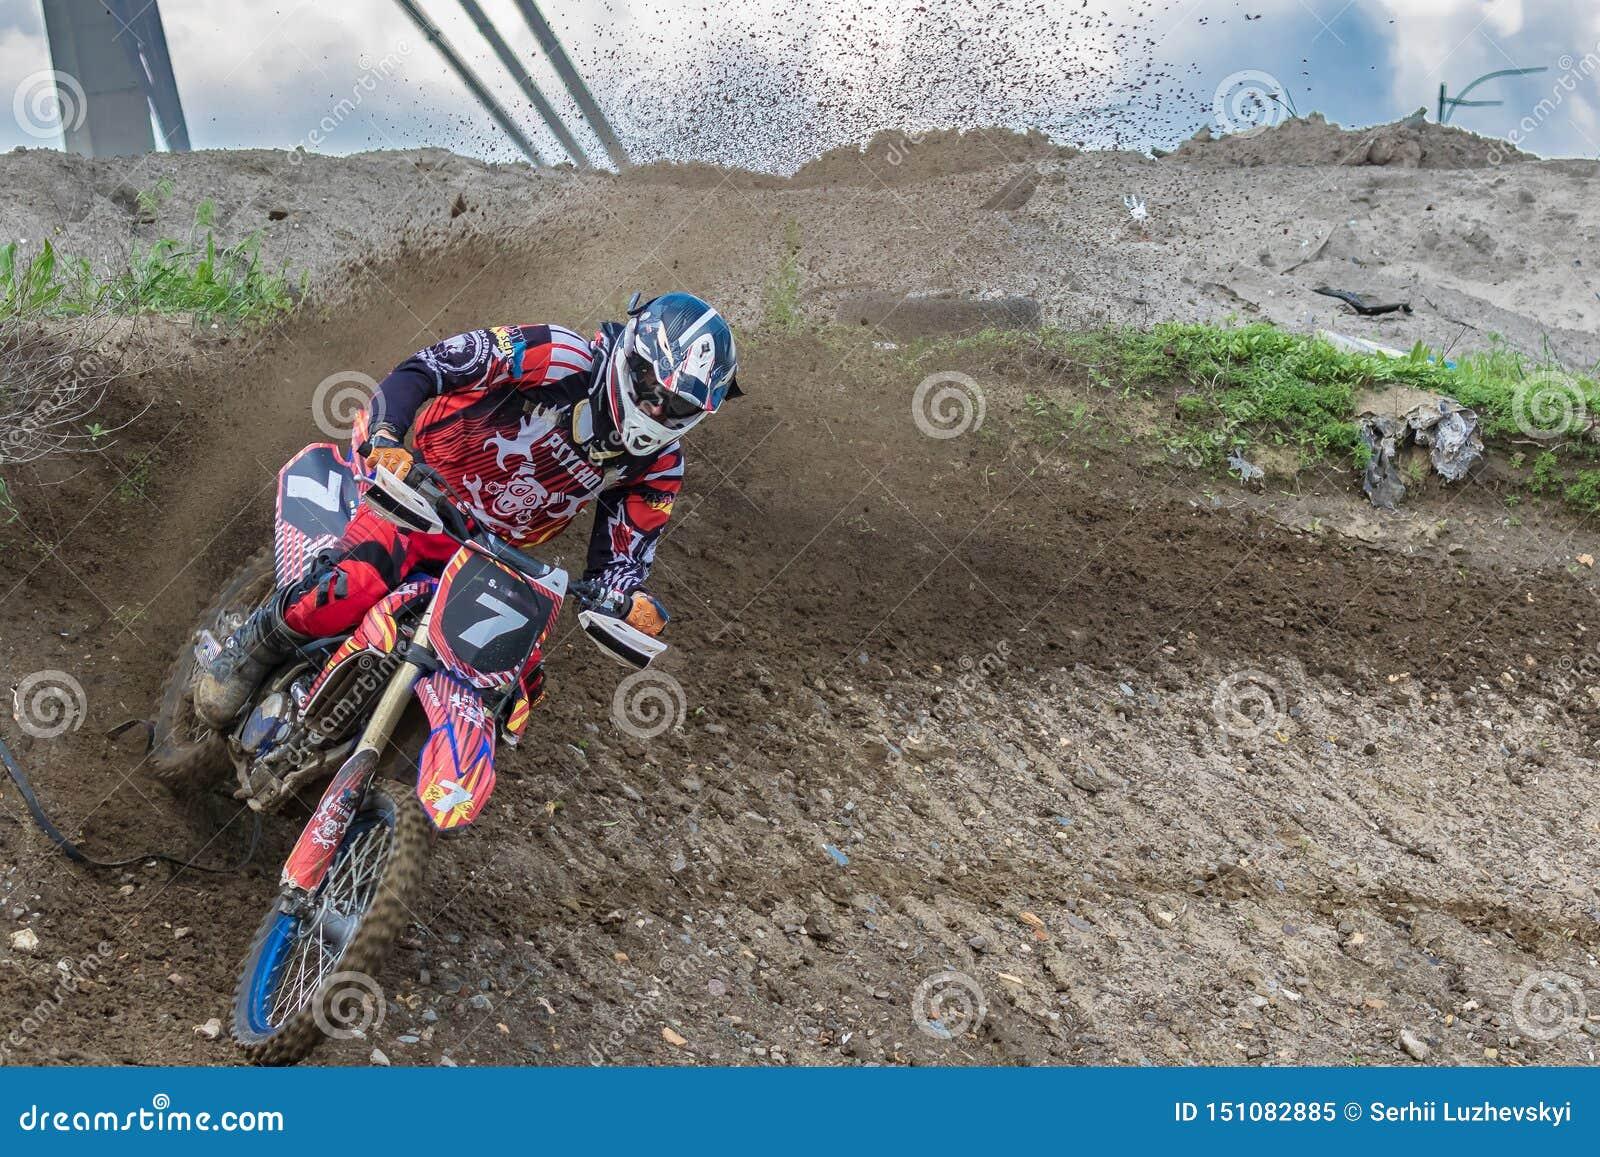 Motocross Motorradfahrer hetzt entlang einem Schotterweg, Schmutz fliegt von unterhalb der R?der Aktiver extremer Rest